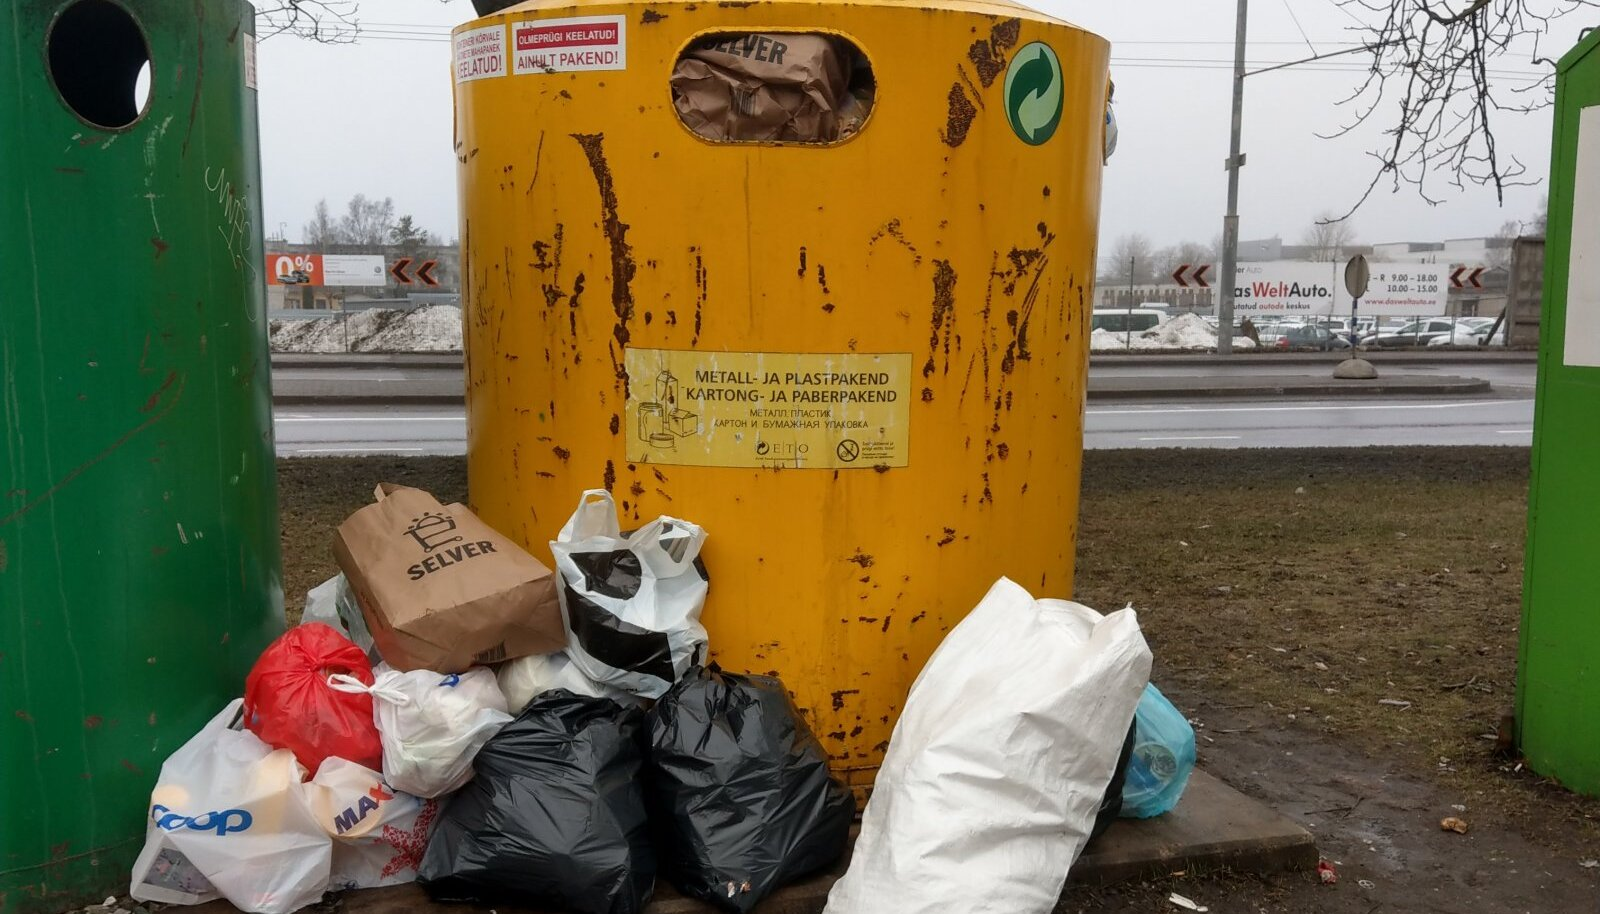 Keskkonnaminister Rene Kokk: pakendikaste peab korralikult tühjendama, see on seadus!